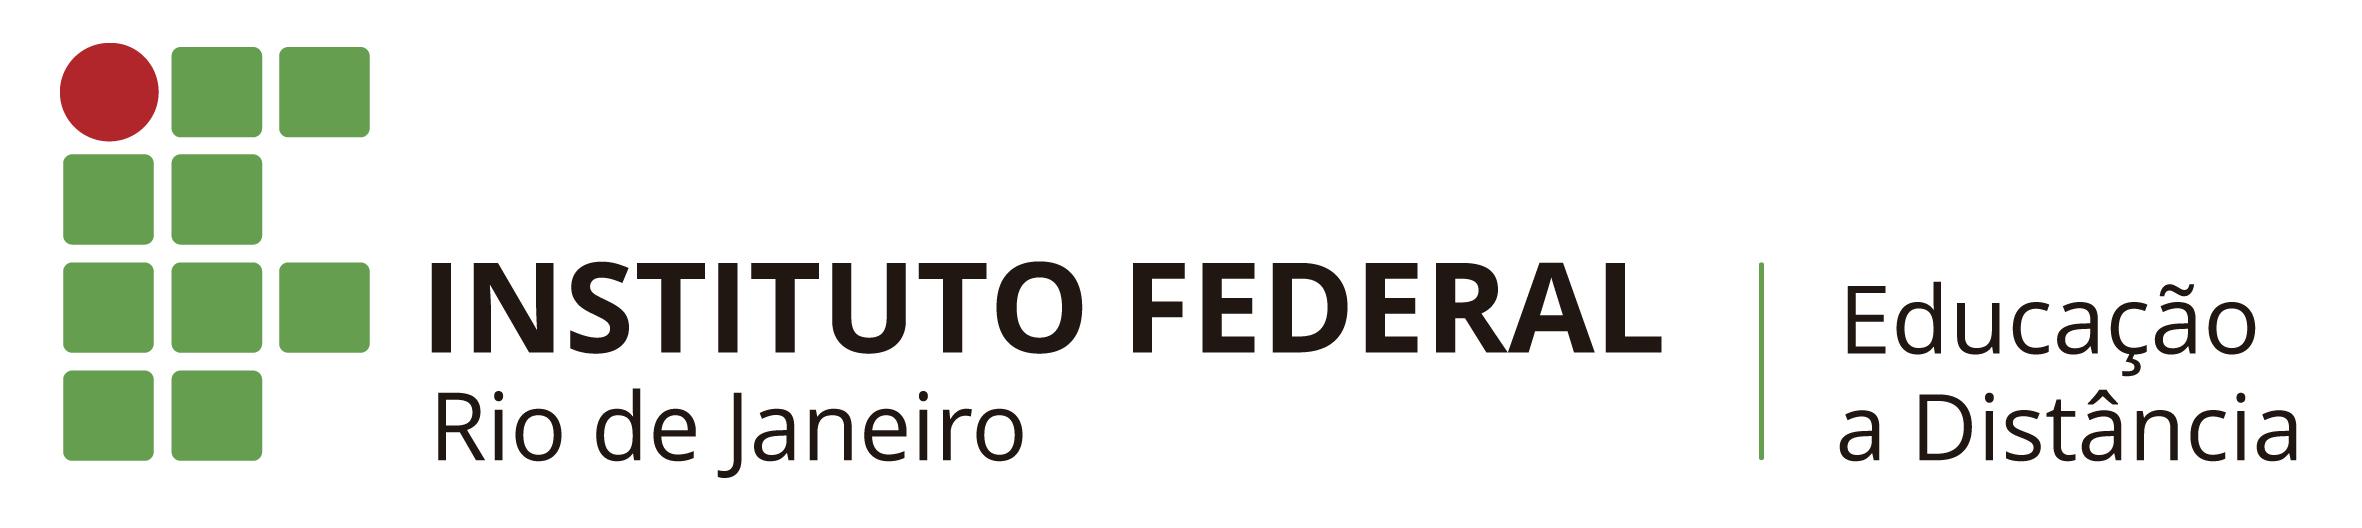 logo-ead